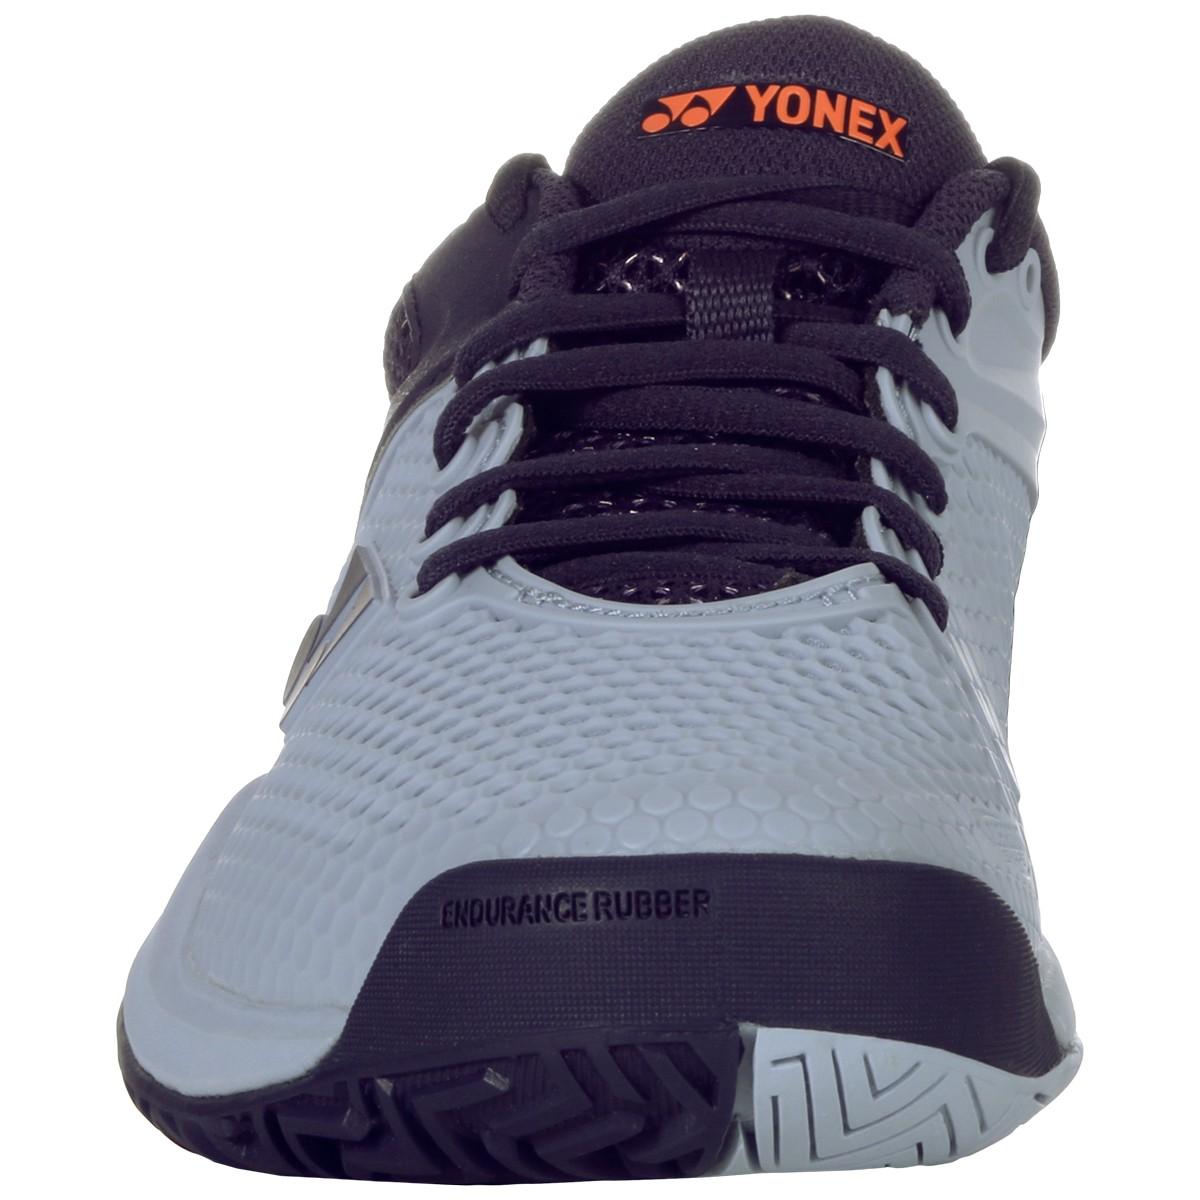 Chaussures Power Yonex Femme Cushion Surfaces Eclipsion 2 Toutes rCdBxoe